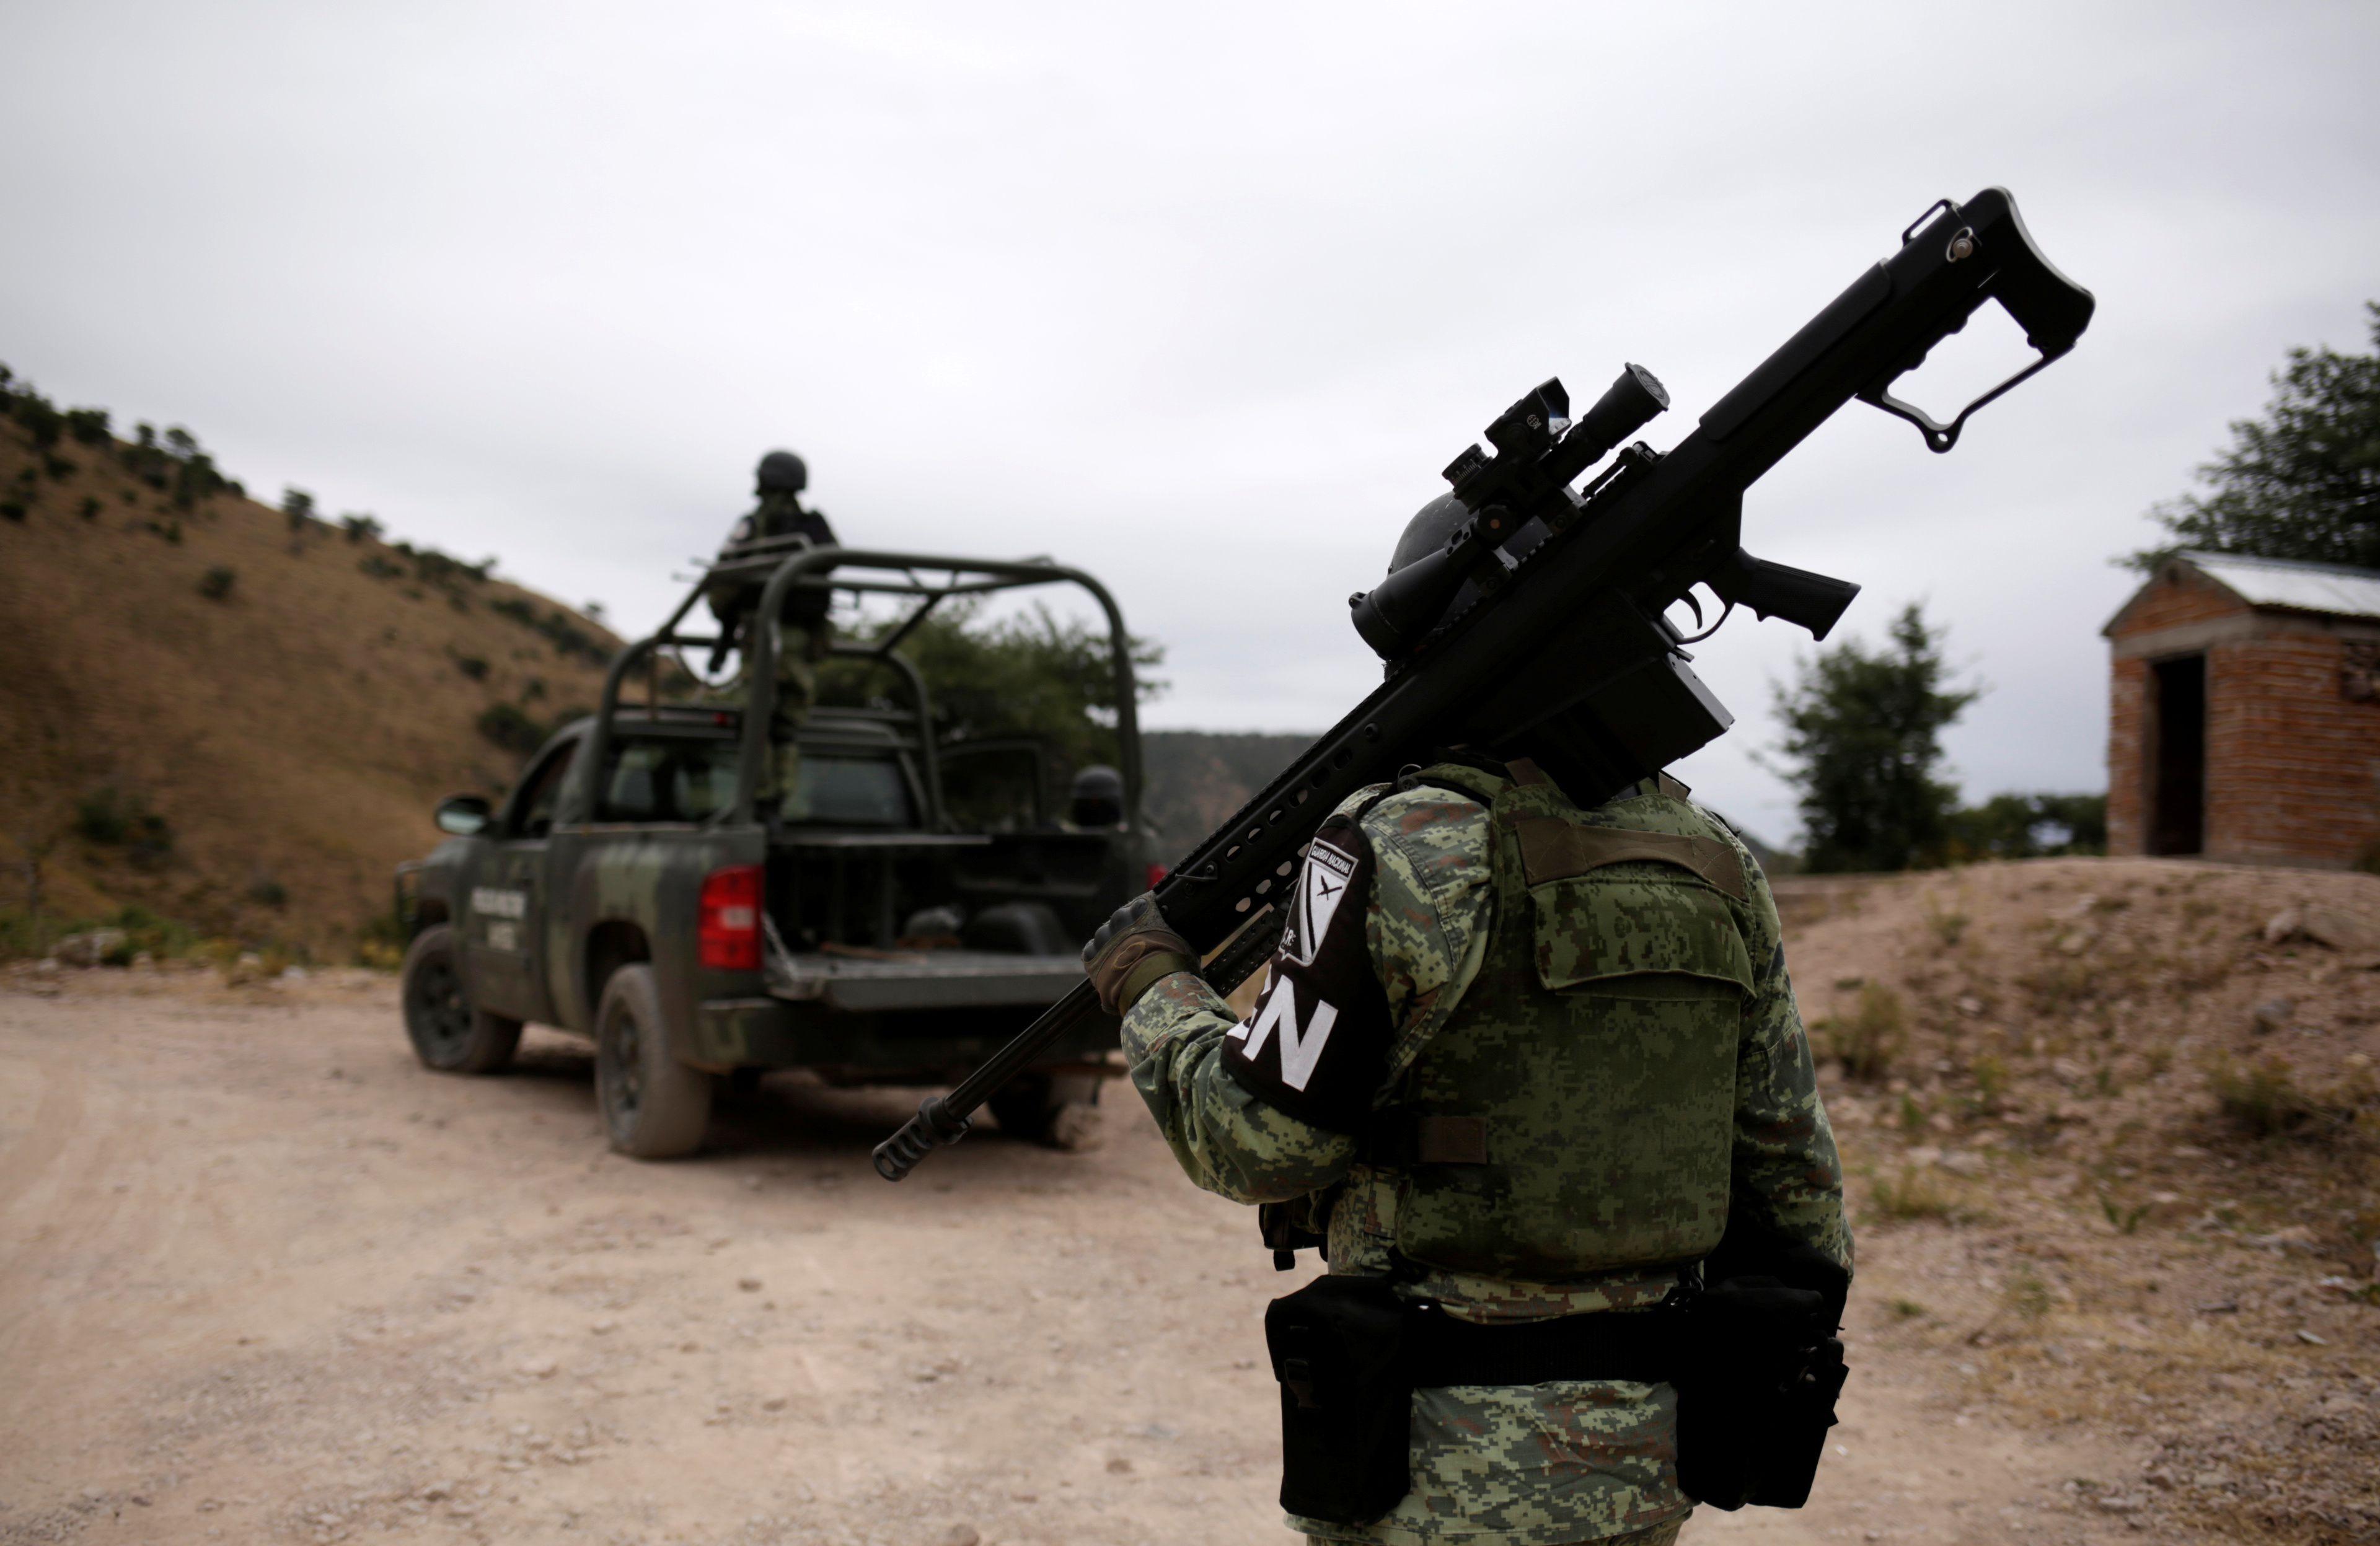 Soldados asignados a la Guardia Nacional vigilan y protegen la caravana que se dirige a sepultar a Rhonita Miller-Lebaron y Dawna Ray Langford y sus hijos que fueron asesinados por sicarios de un grupo criminal (Foto: Reuters/José Luis González)